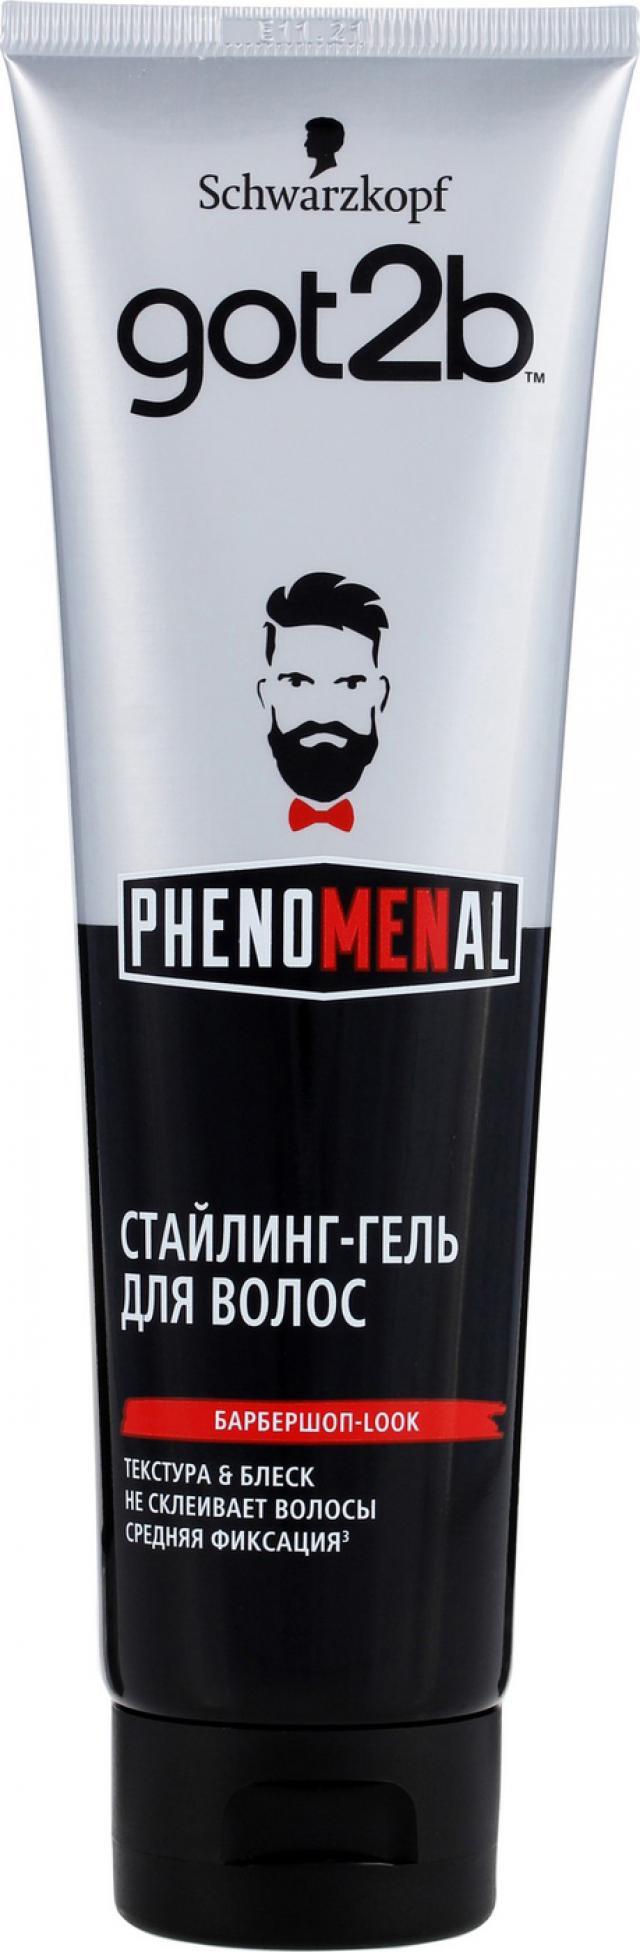 Гот2Би гель для волос ФеноМенал 150мл купить в Москве по цене от 0 рублей